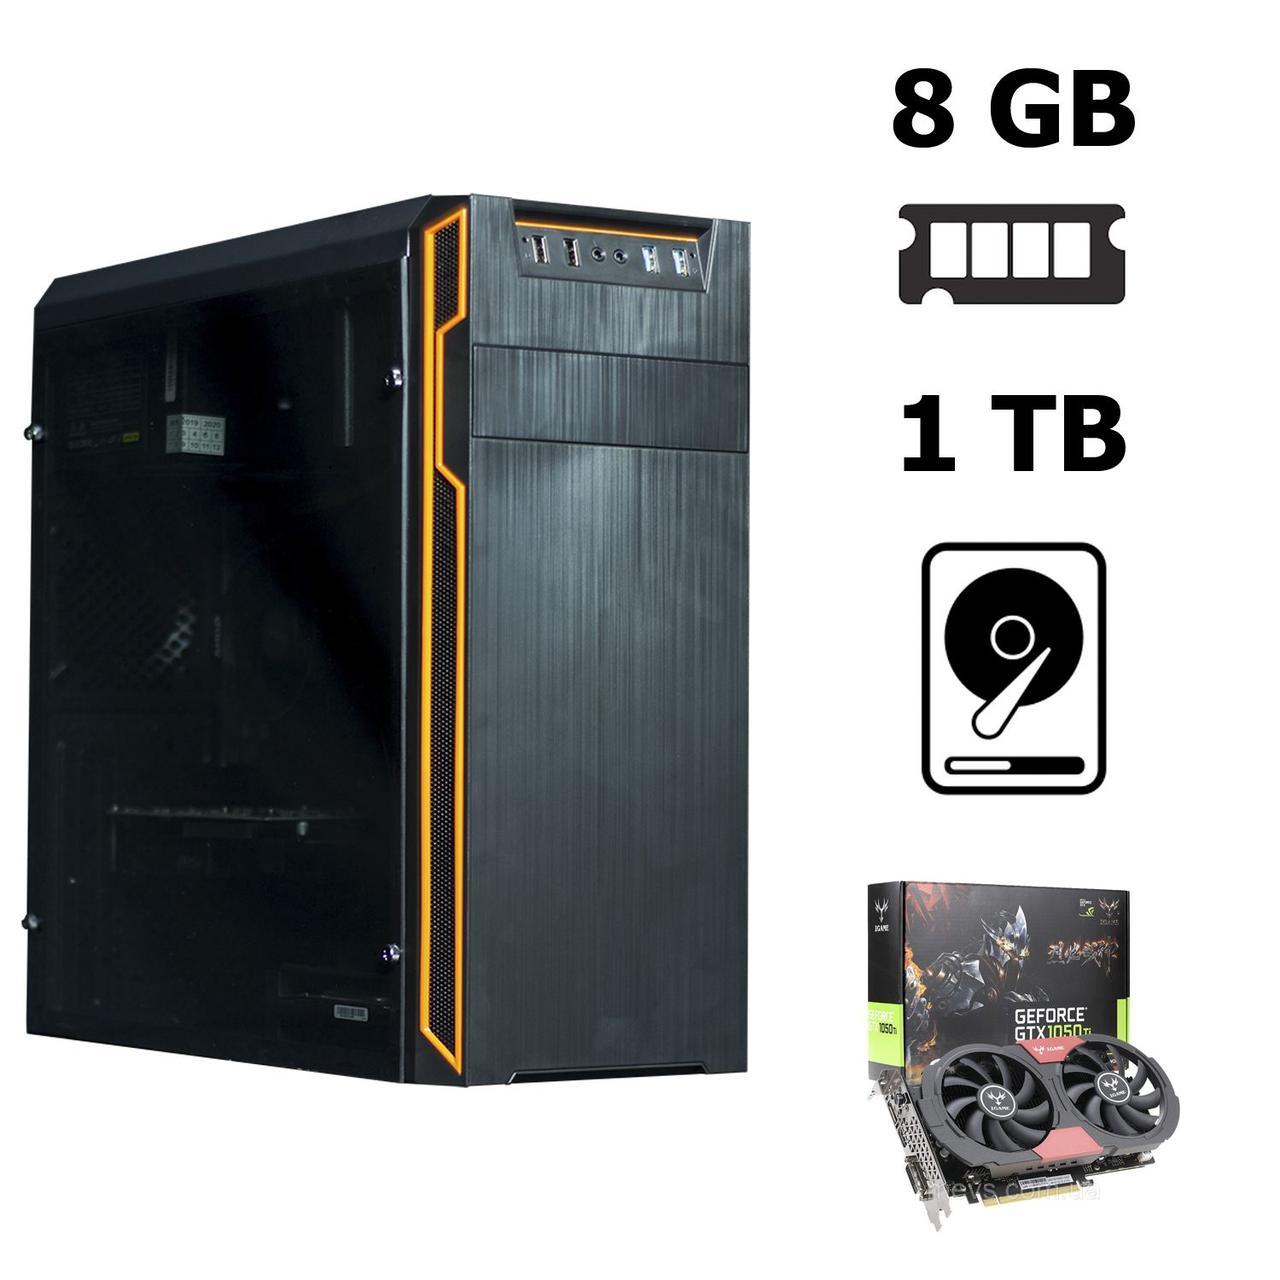 Frontier HAN SOLO orange MT / AMD Athlon™ II X4 840 (4 ядра по 3.1 - 3.8 GHz) / 8 GB DDR3 / 1 TB HDD / nVidia